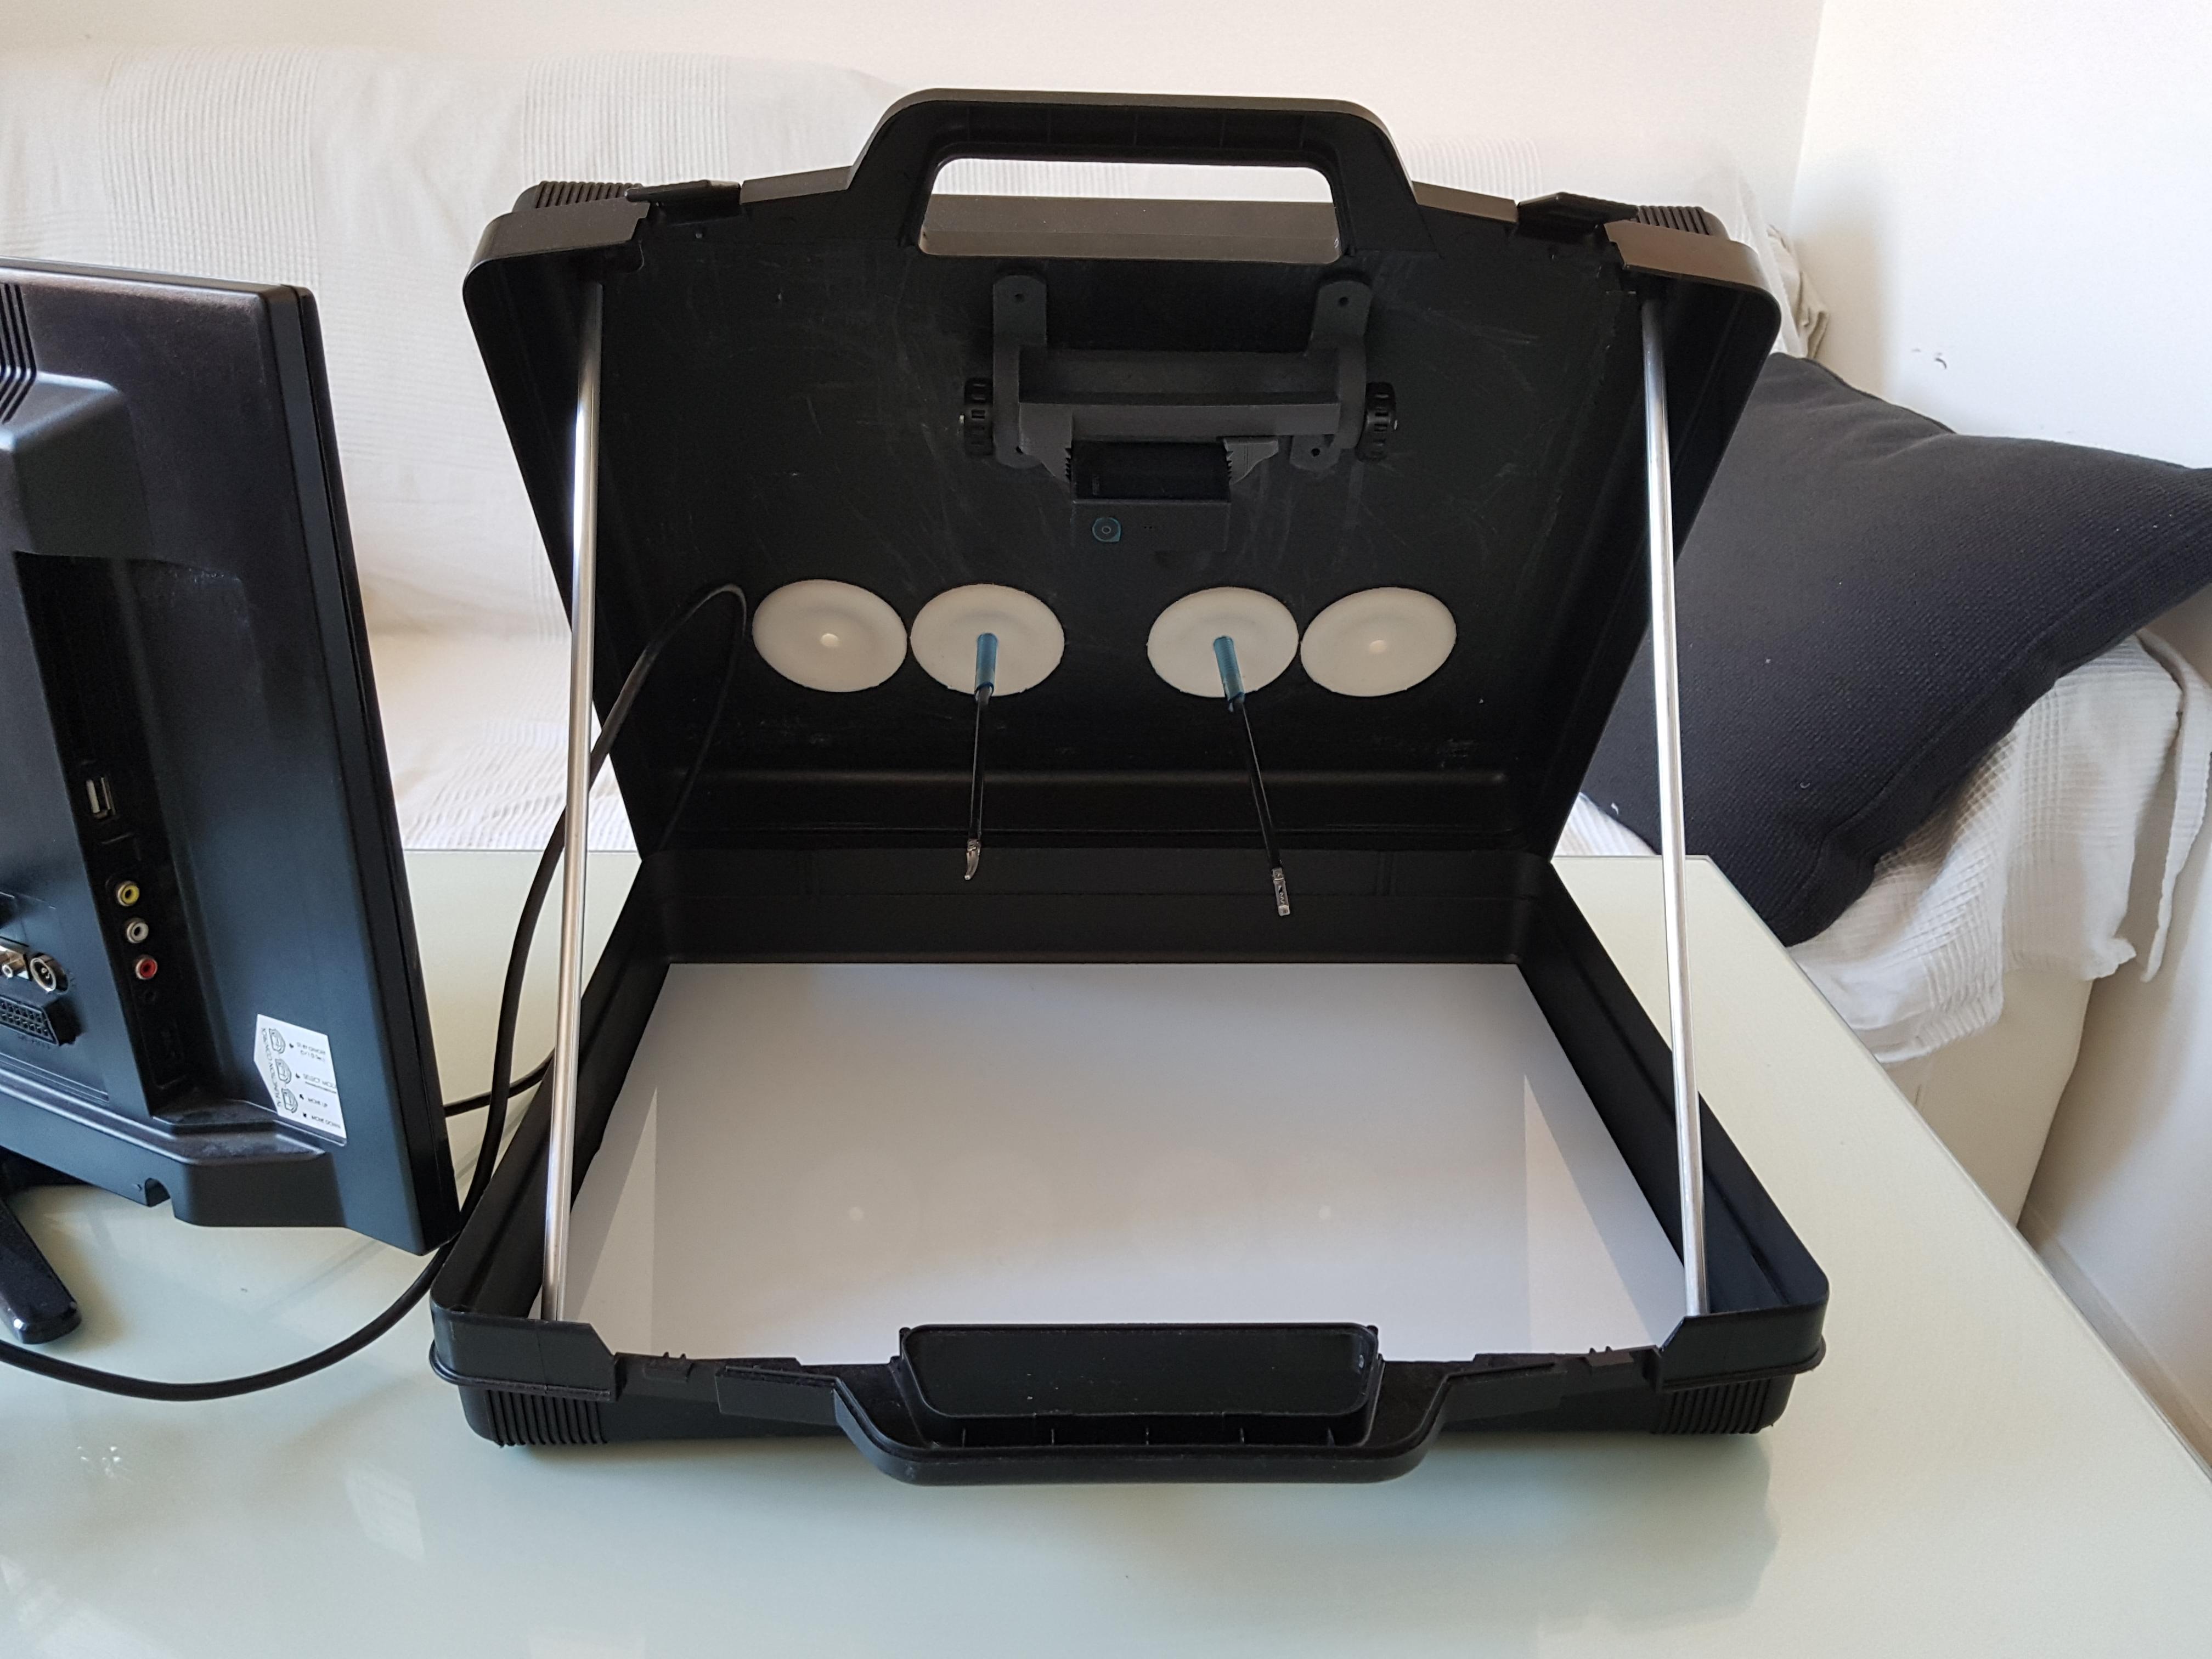 KIT base per creare un Simulatore per la Laparoscopia usando una valigetta di plastica o una 24ore o anche una semplice scatola di scarpe